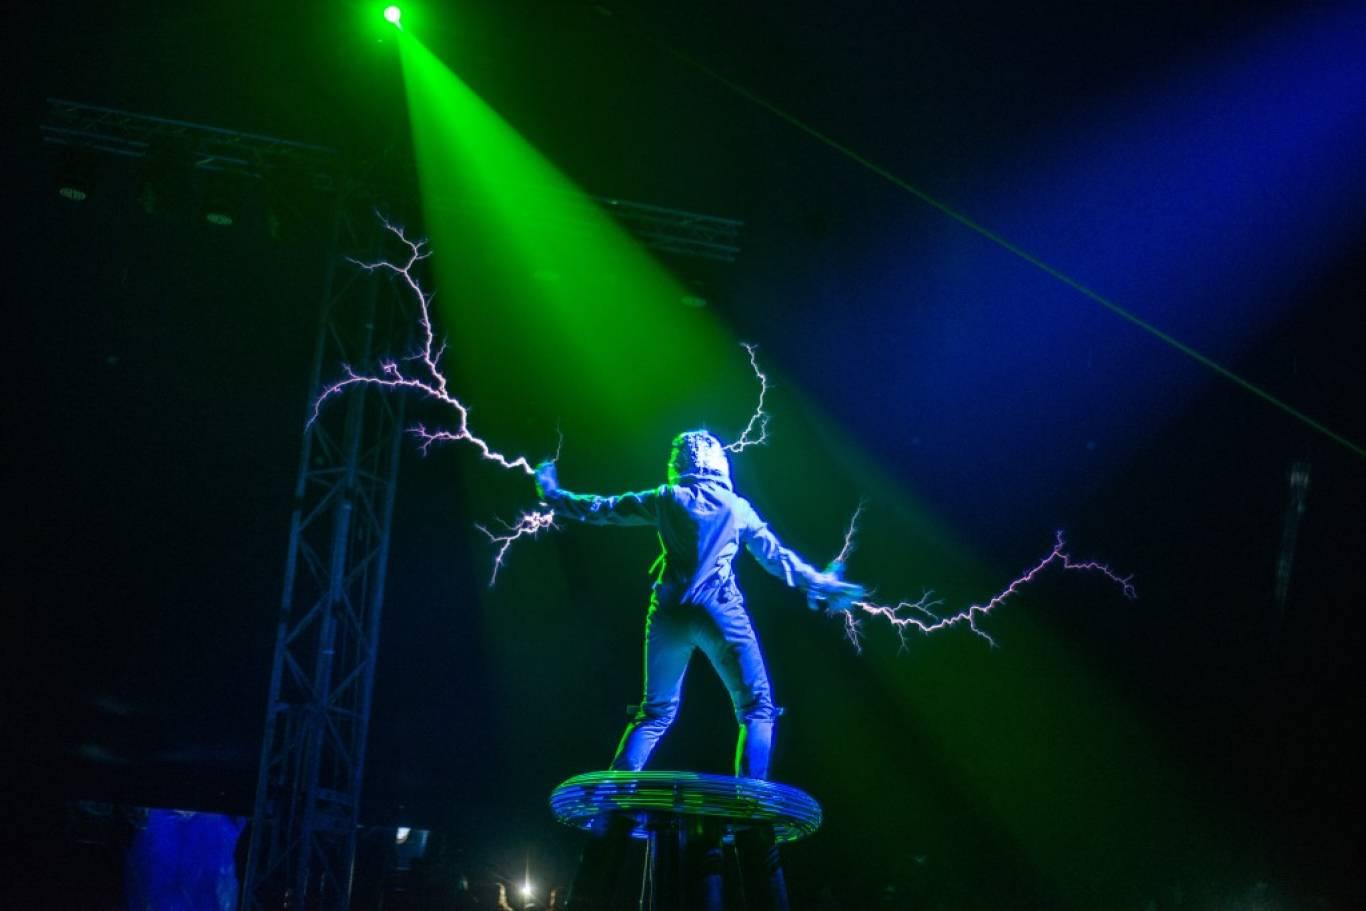 Драйв та екстрим: до Житомира завітає Цирк Рекордів